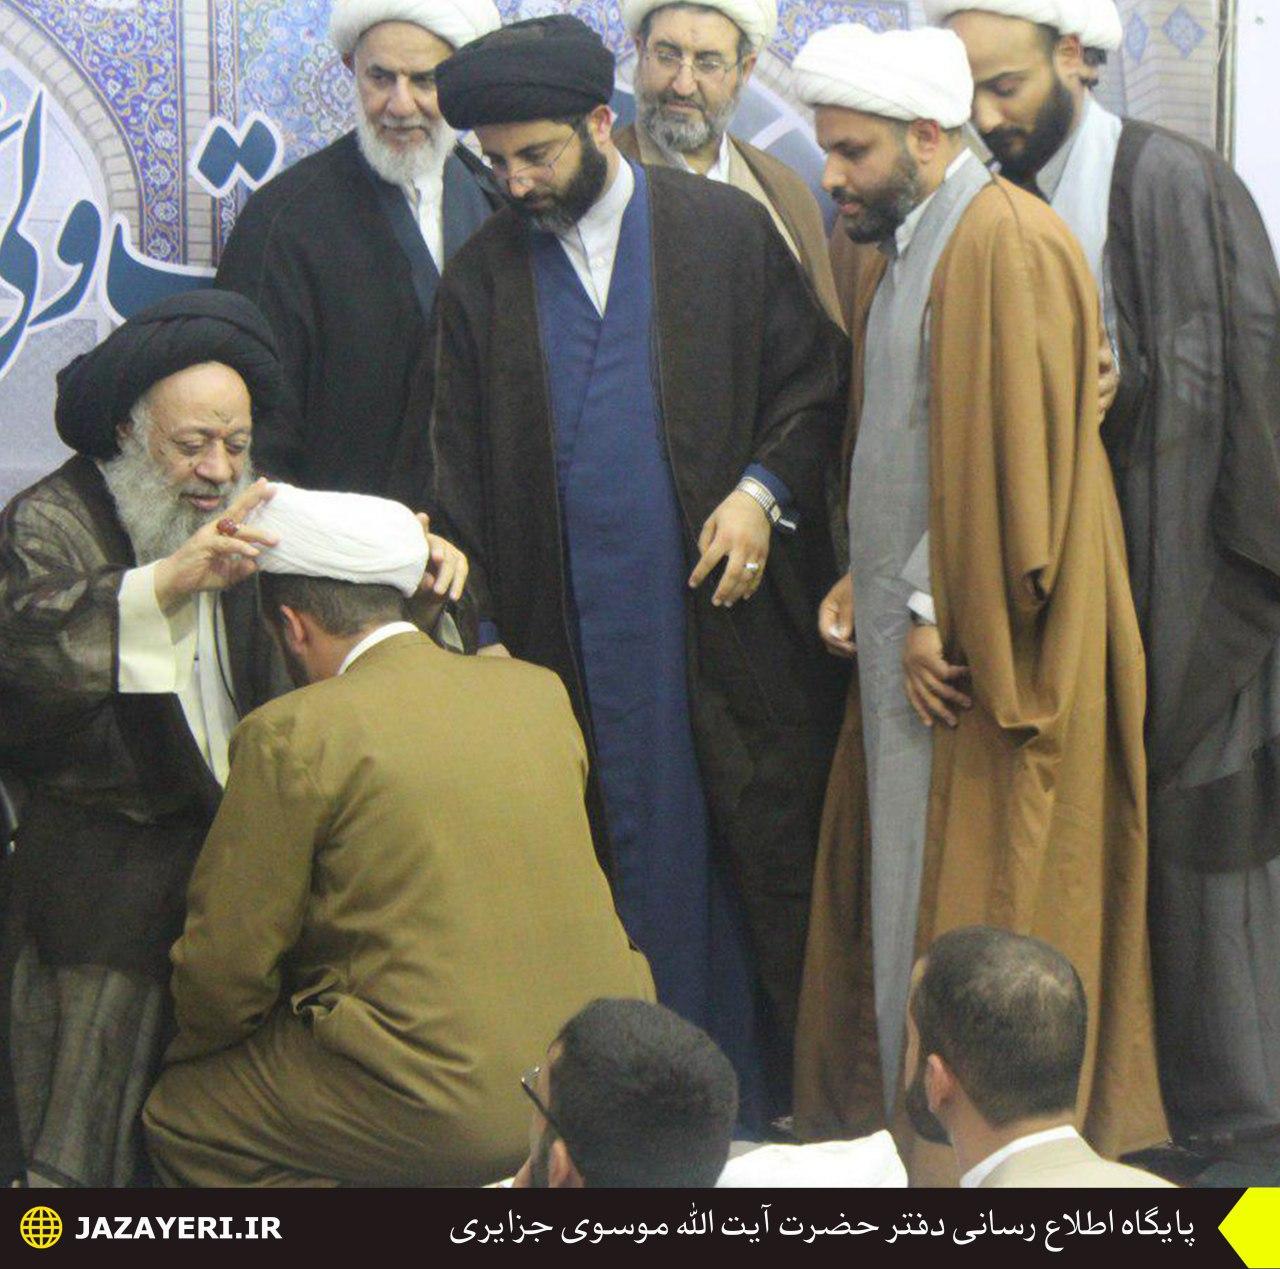 بیانات در مراسم عمامهگذاری و افتتاحیه ساختمان مدرسه علمیه سطح ۳ سفیران هدایت حضرت ولیعصر(عج)